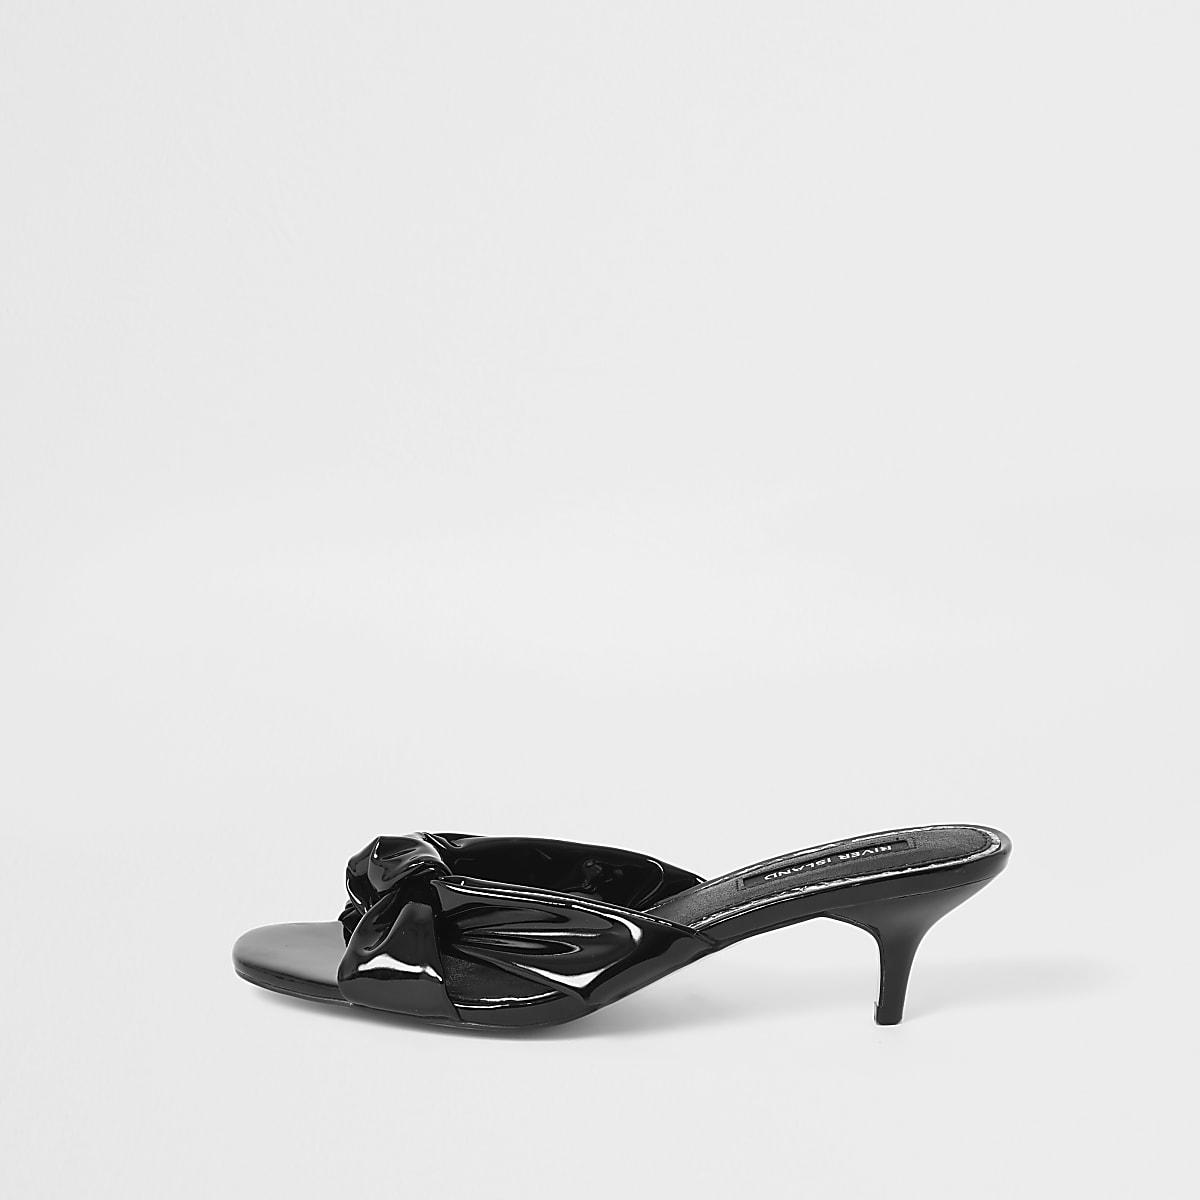 Black bow kitten heel mule sandals